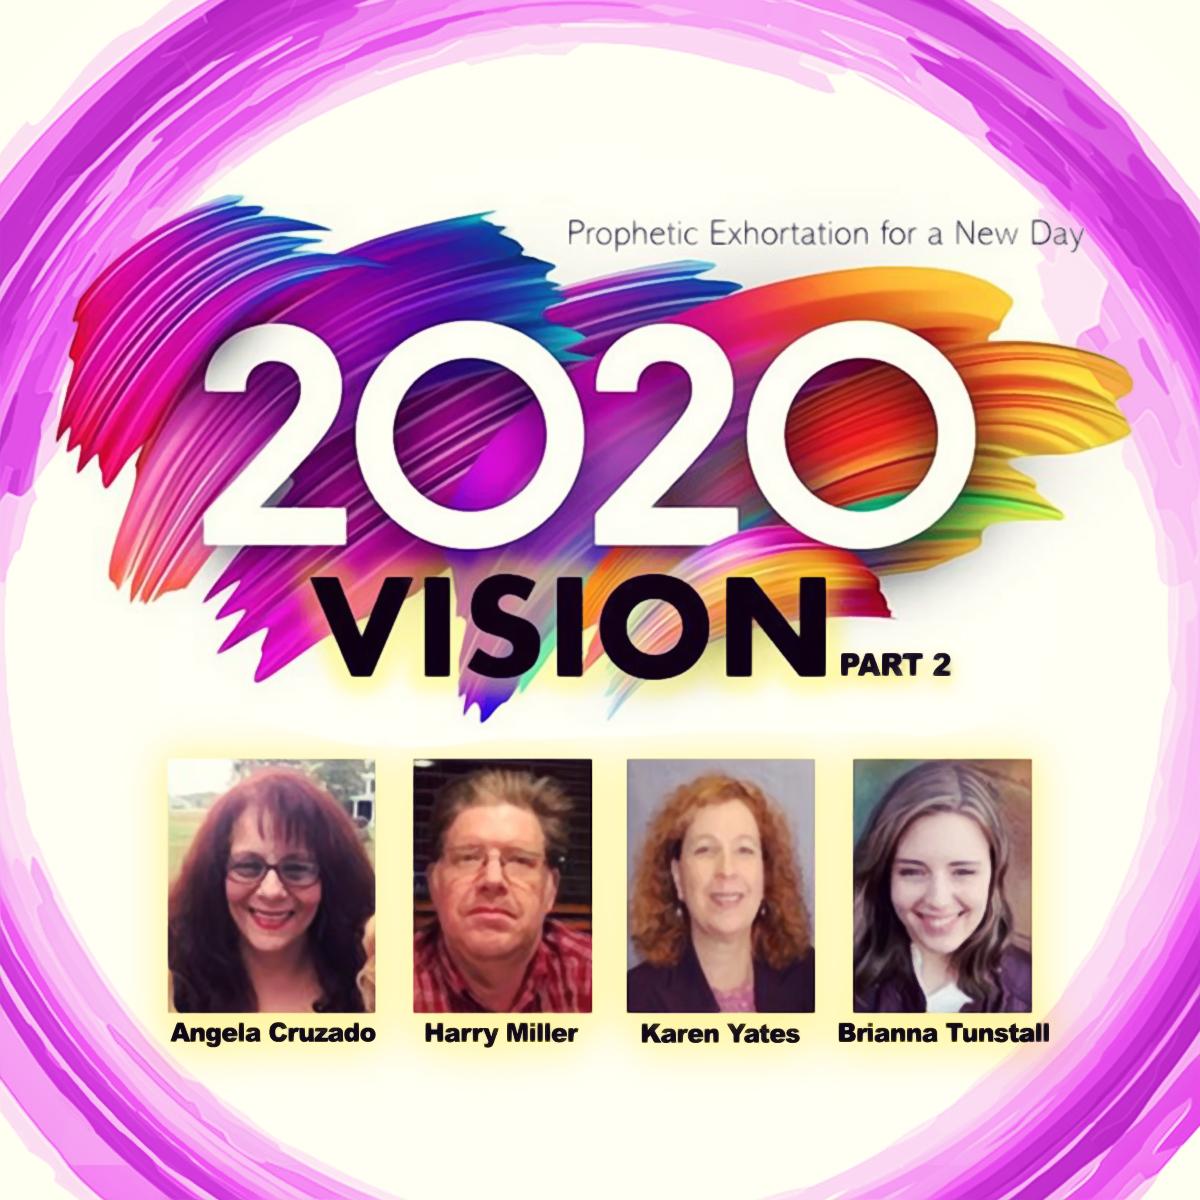 2020 Vision Part 2